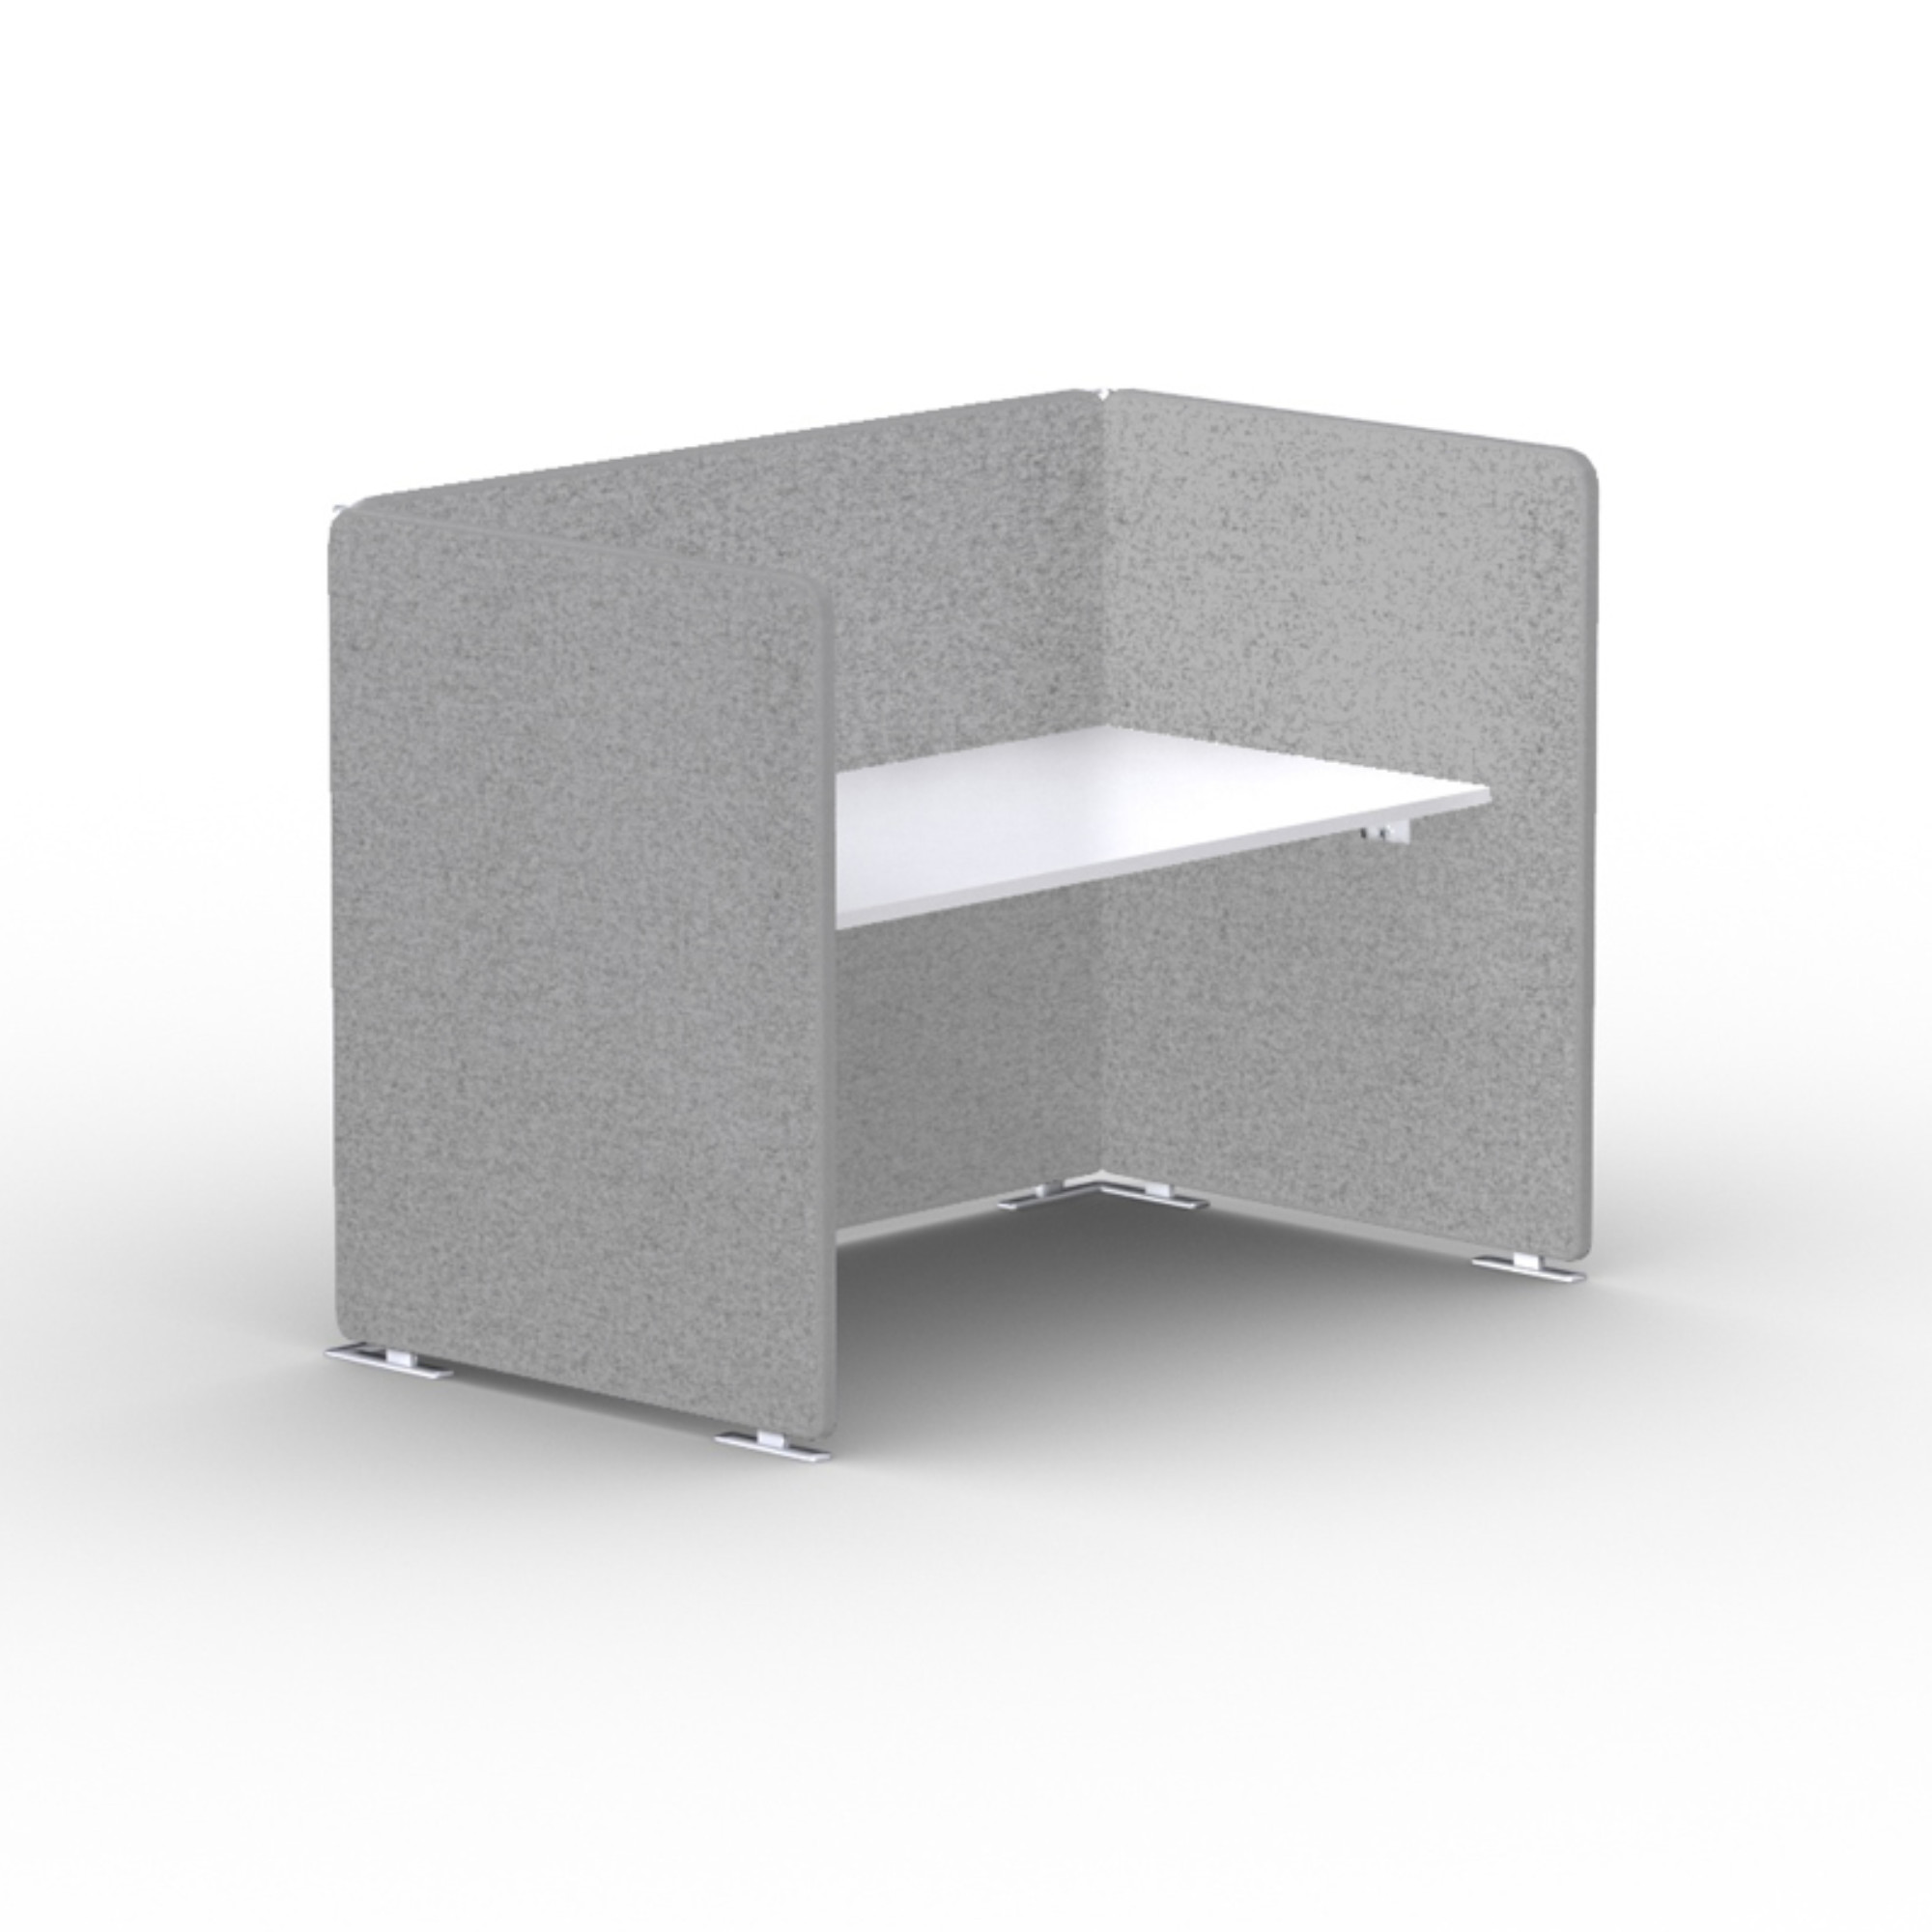 100 sofa mit integriertem tisch 870. Black Bedroom Furniture Sets. Home Design Ideas